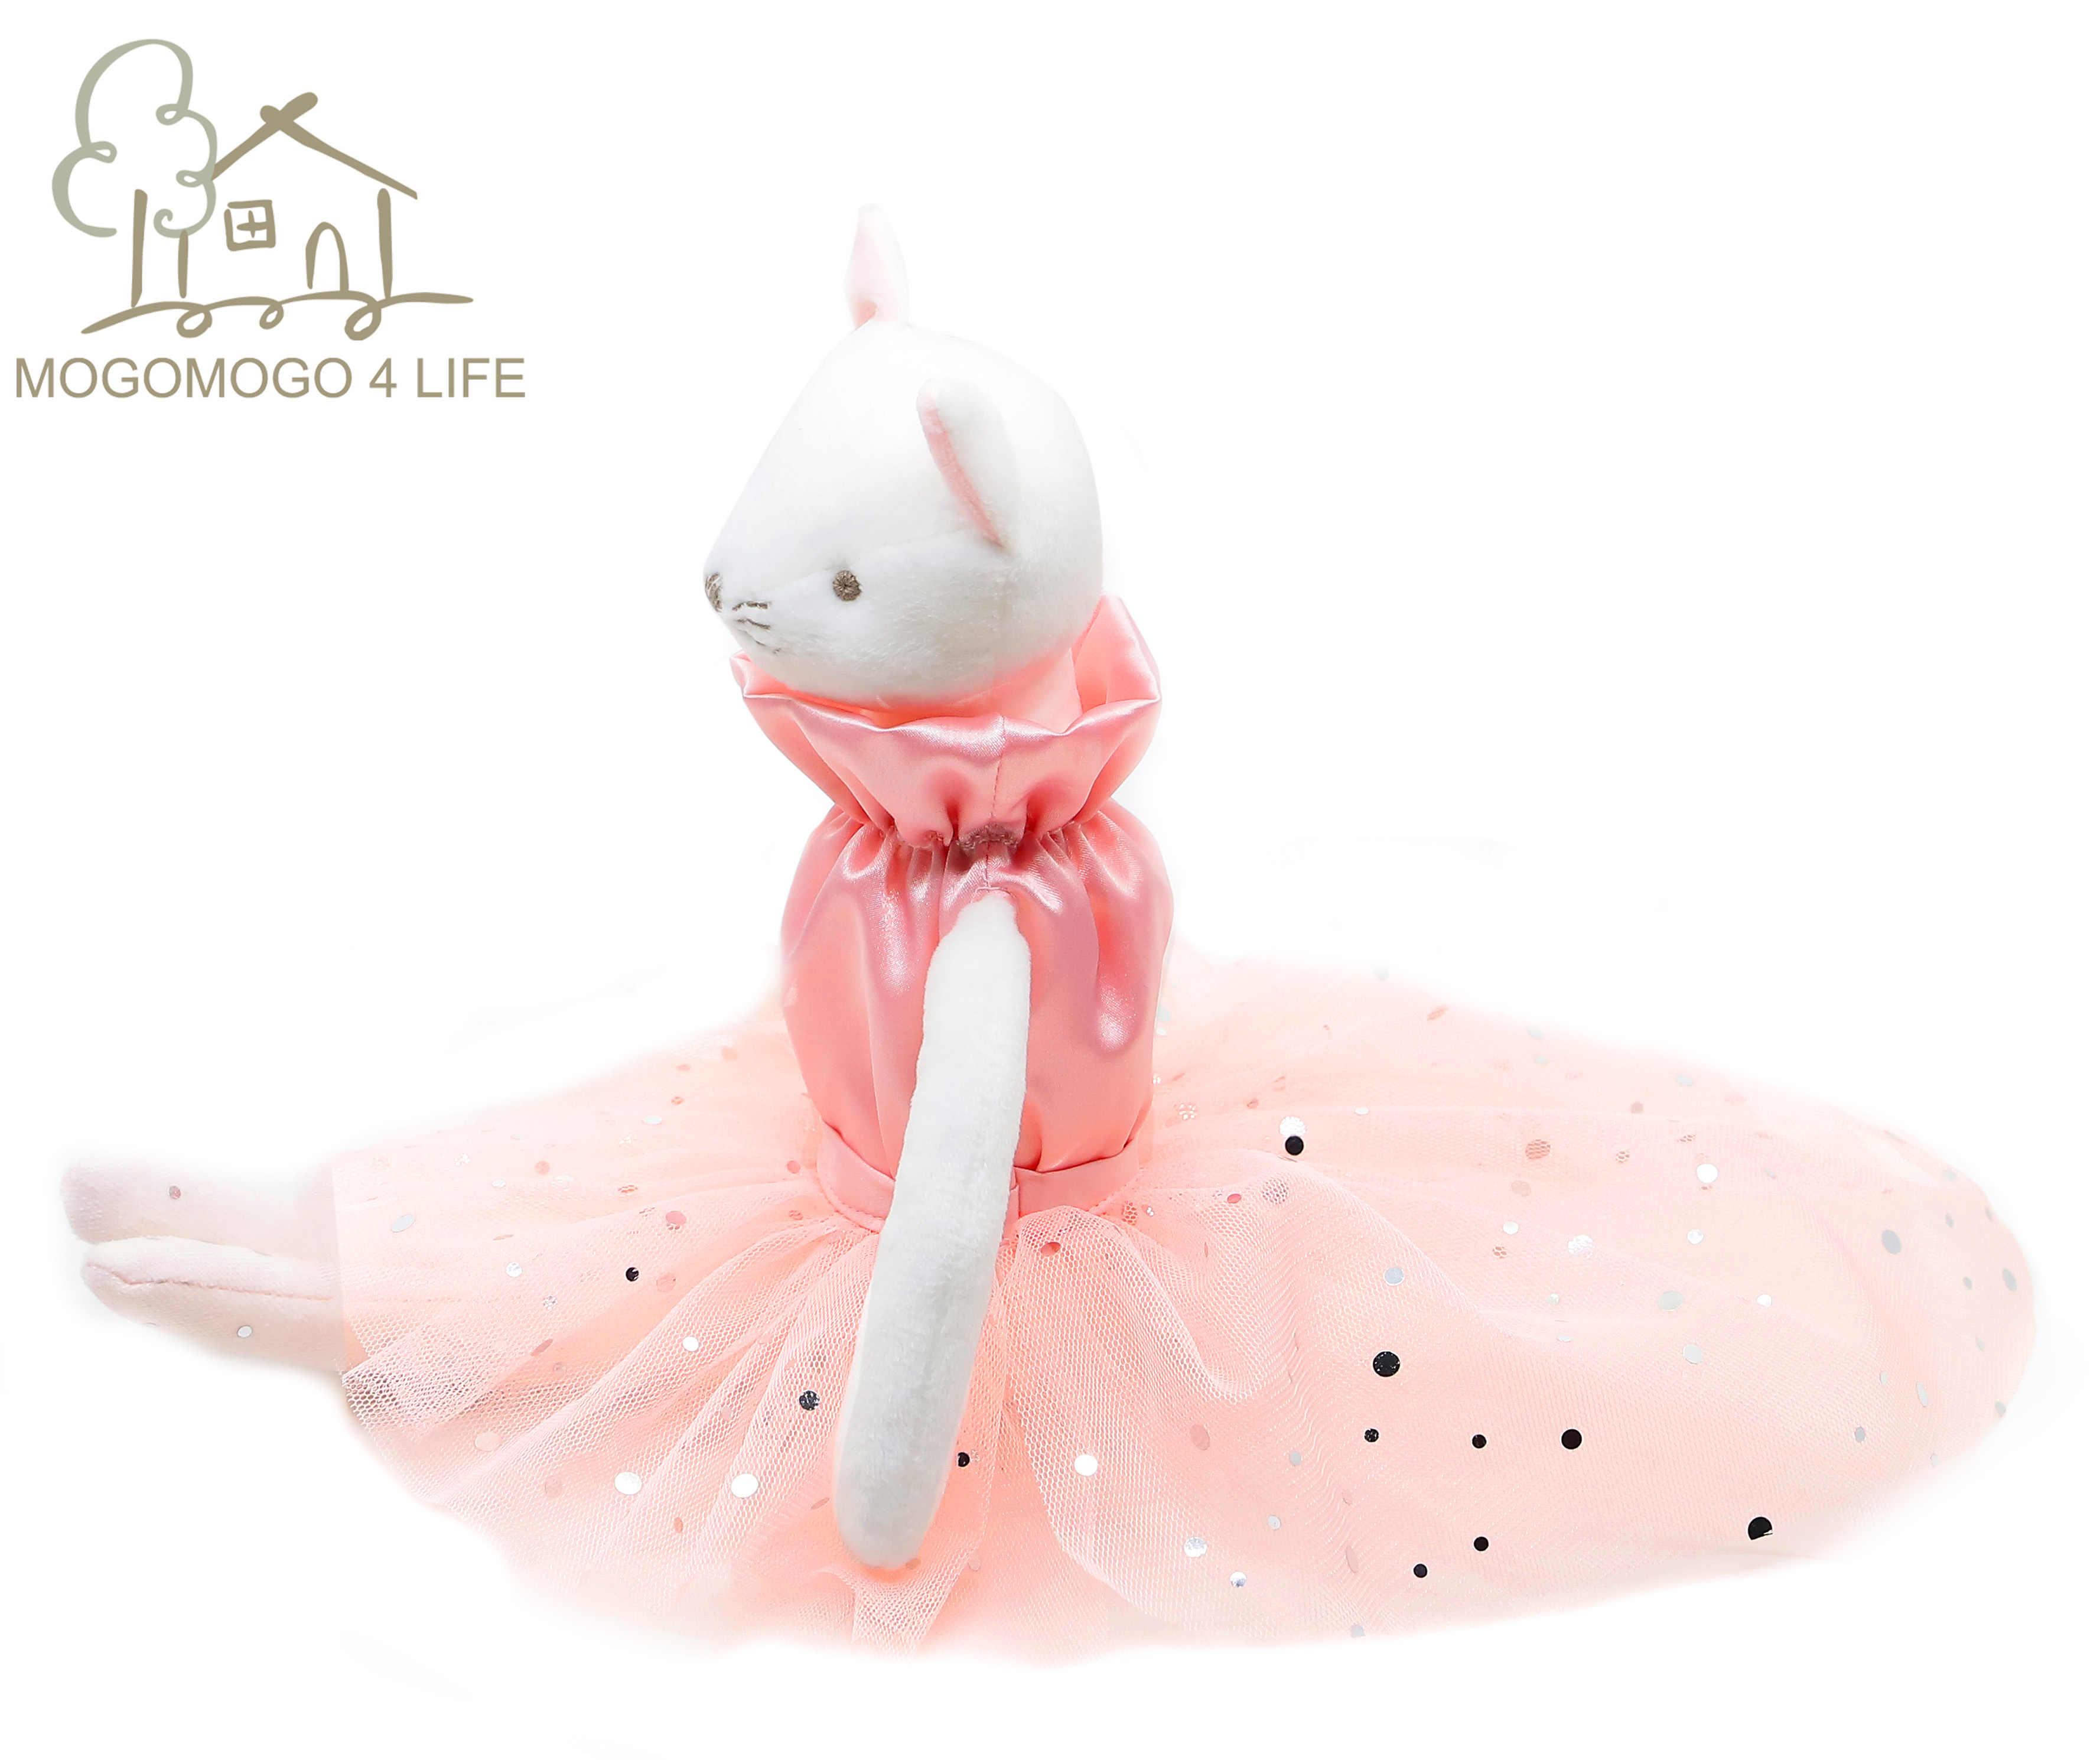 Luksusowe baleriny kot pluszowe zabawki słodkie urodziny prezent dla dziewczyn moda Handmade projektant różowy księżniczka balet lalka kotek